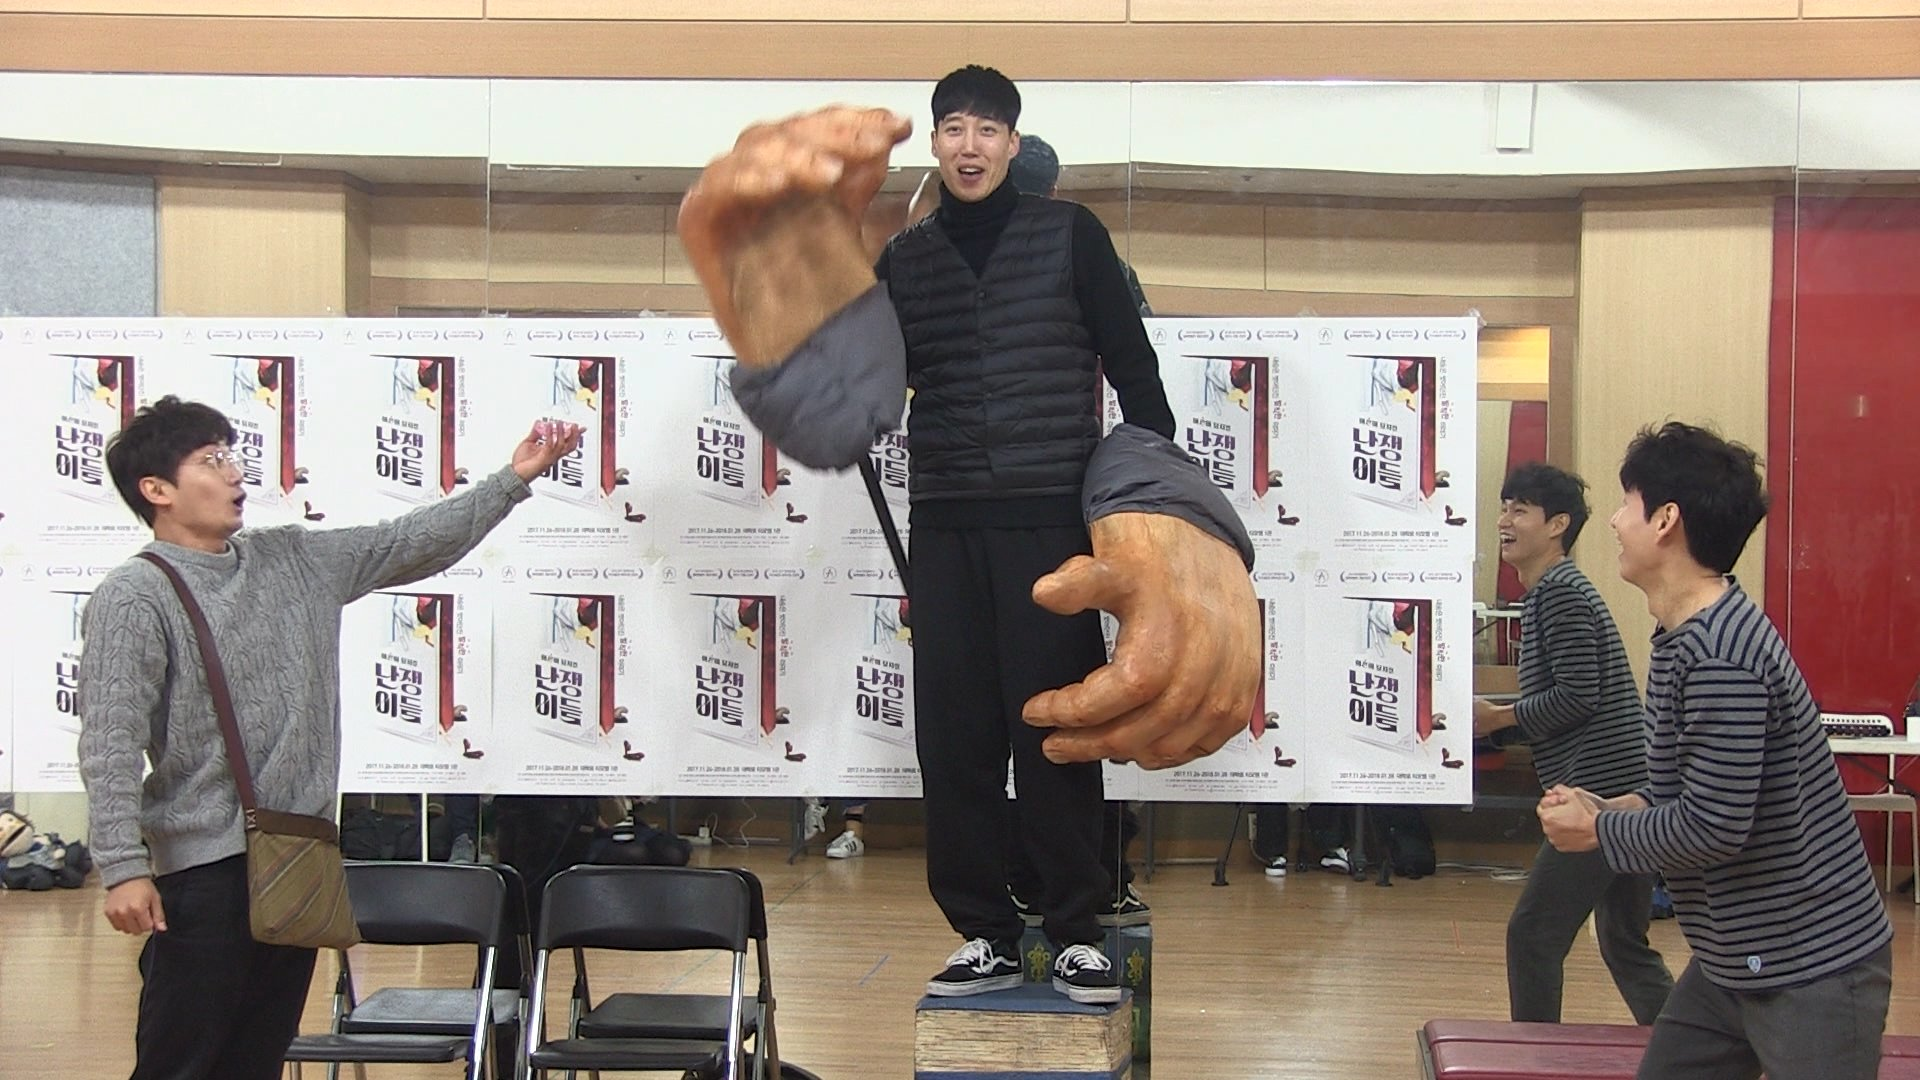 <난쟁이들> 연습 - 윤석현, 신주협, 강정우, 원종환